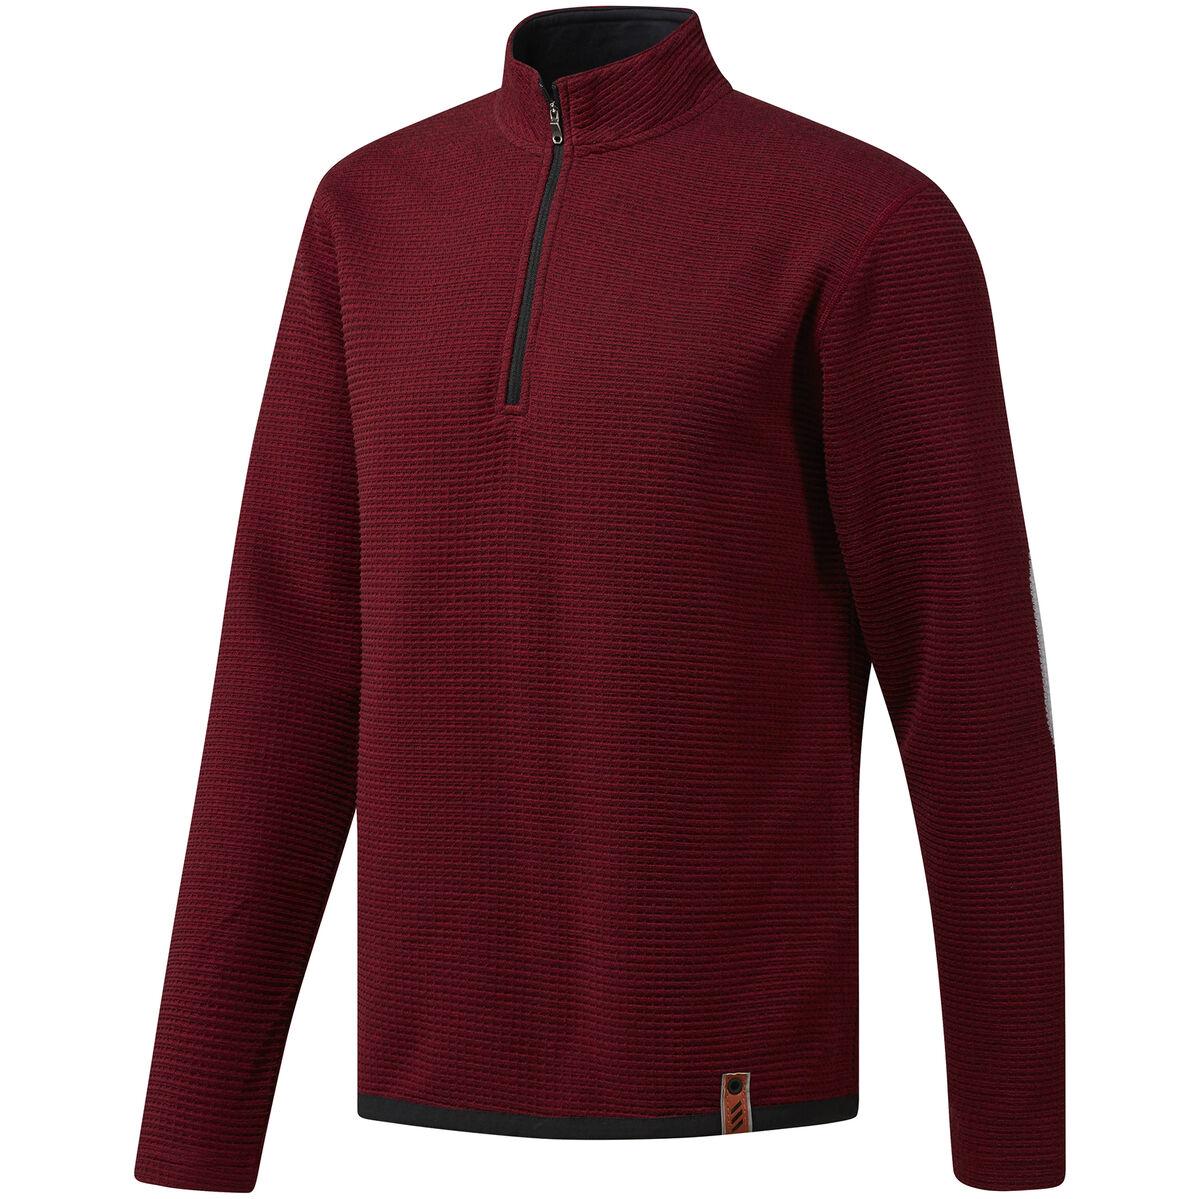 e473a75c78 Adidas adicross Fleece 1/4 Zip Sweatshirt